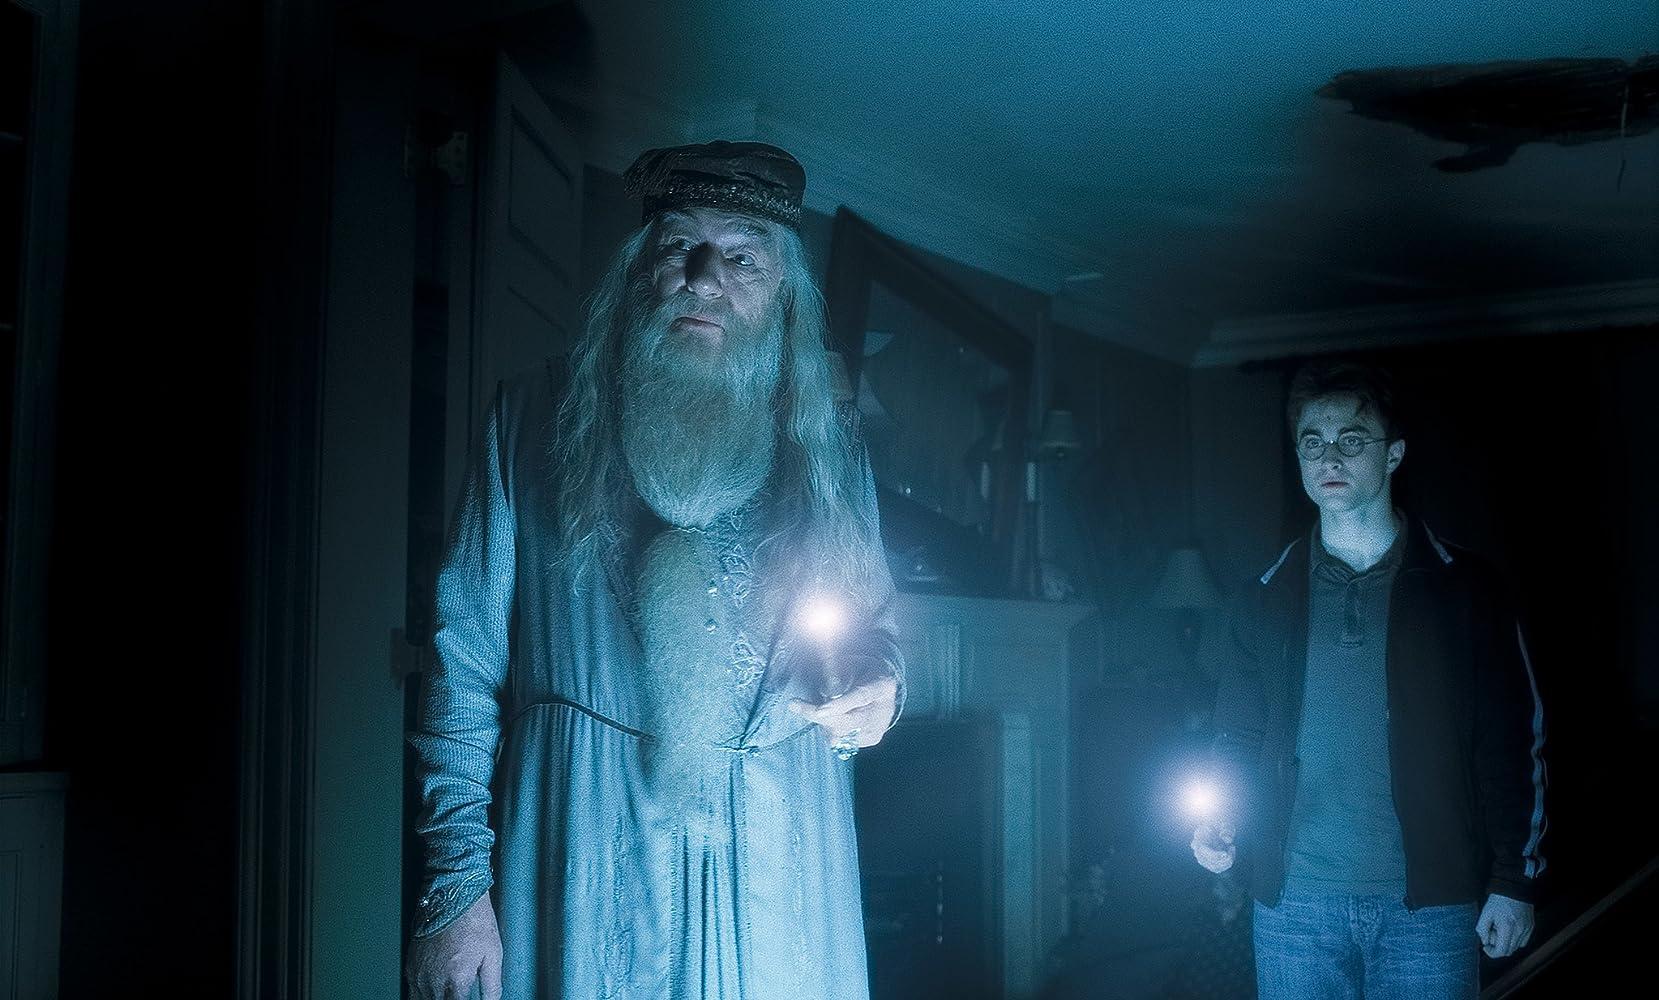 Ondanks dat Harry Potter de hoofdpersoon is, worden andere karakters in Harry Potter and the Half-Blood Prince naar voren geschoven